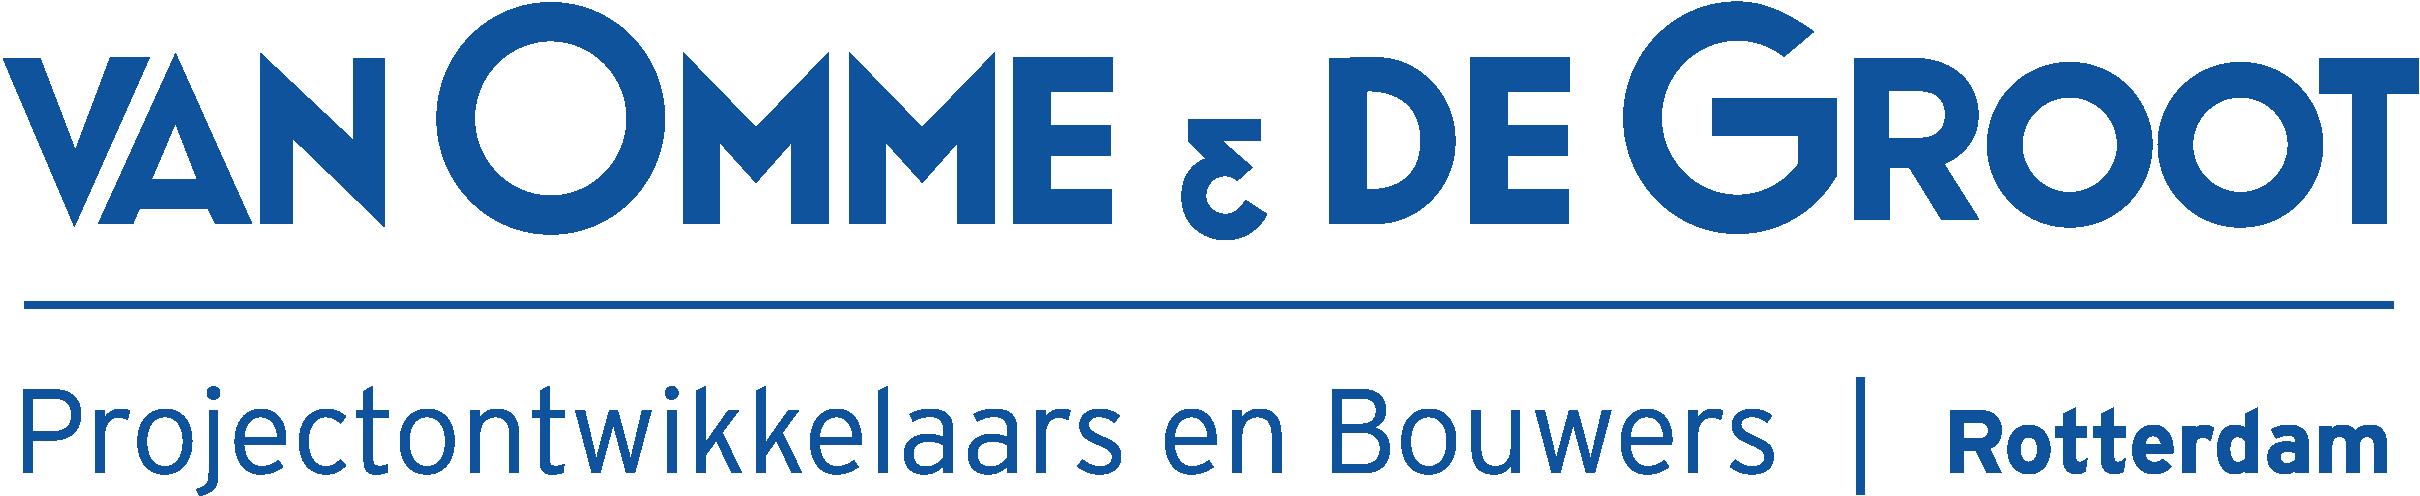 Van Omme & de Groot